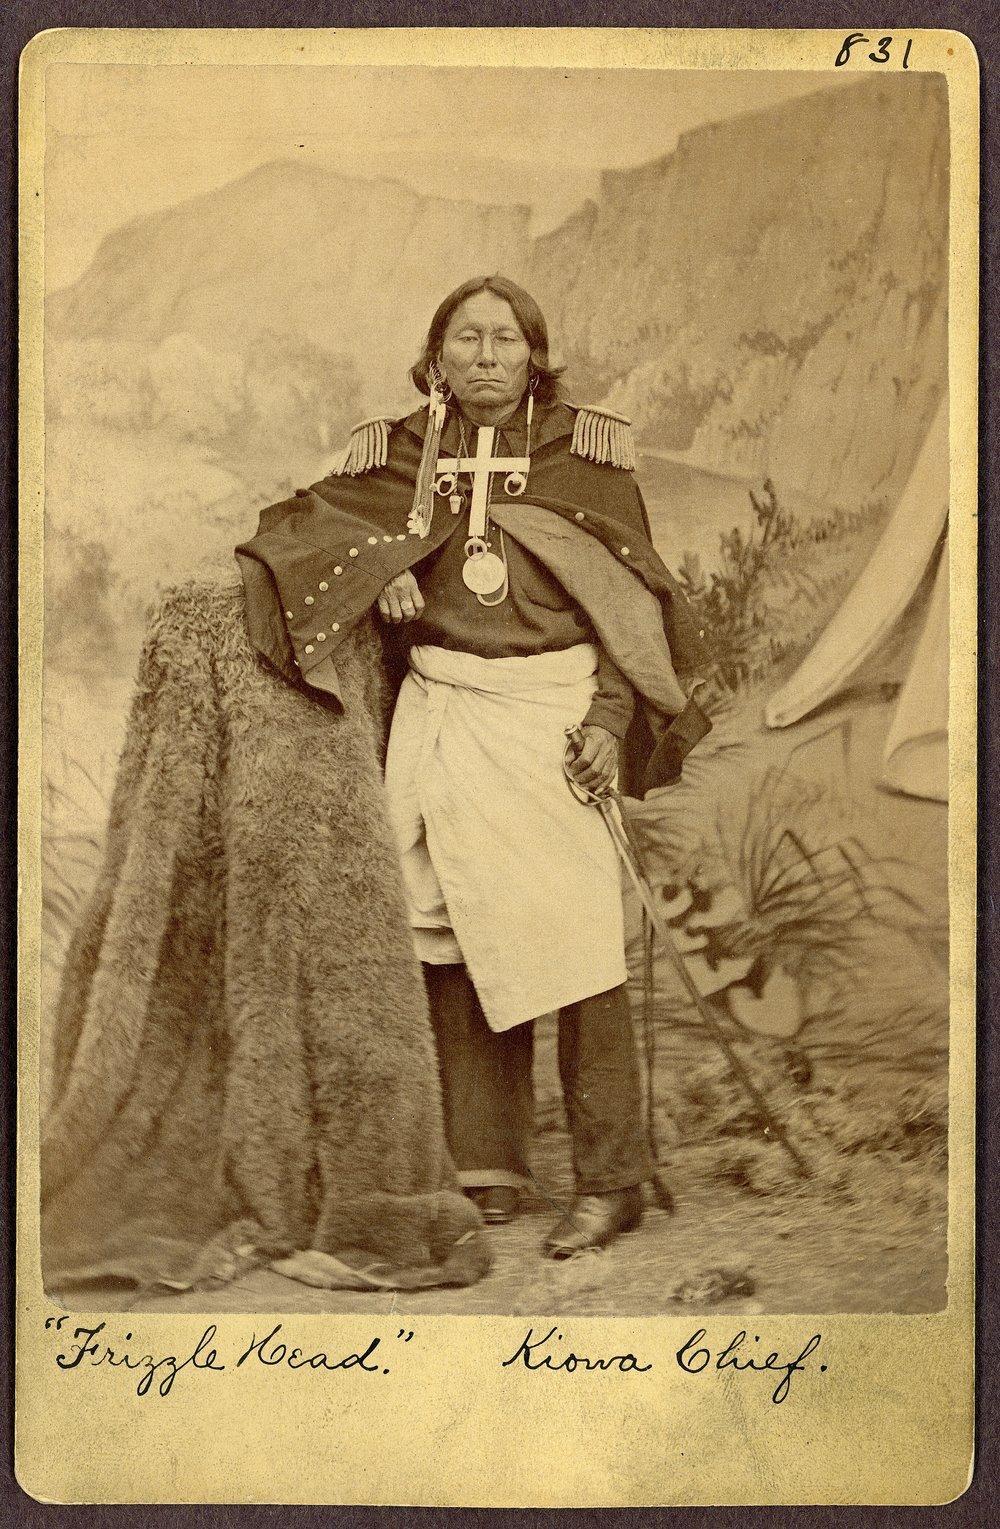 Frizzle Head, Kiowa, in Indian Territory - 1